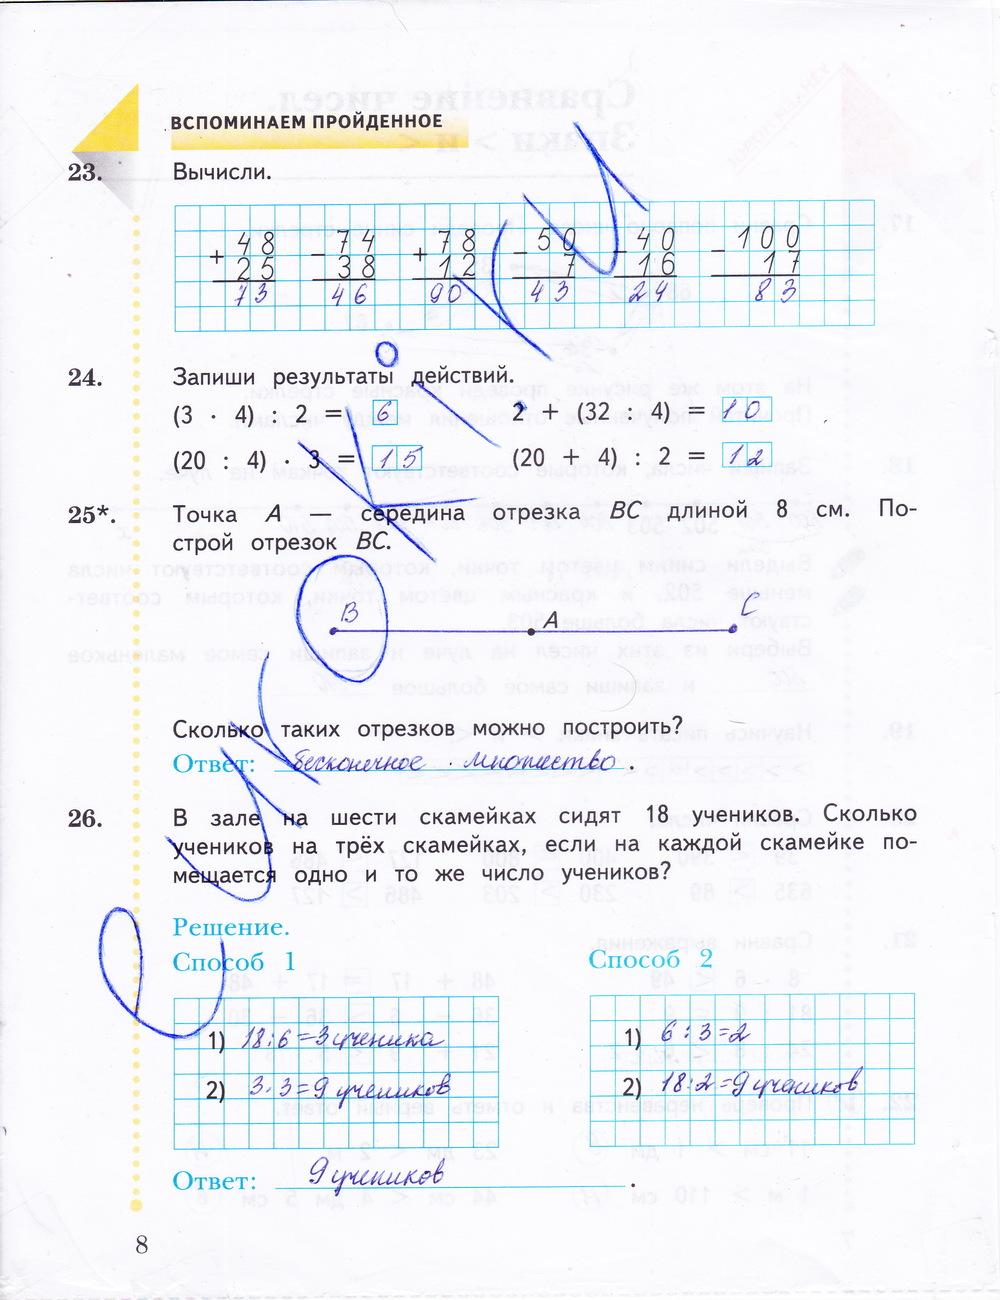 Гдз по математике 3 класс рудницкая рабочая тетрадь 1 часть все ответы